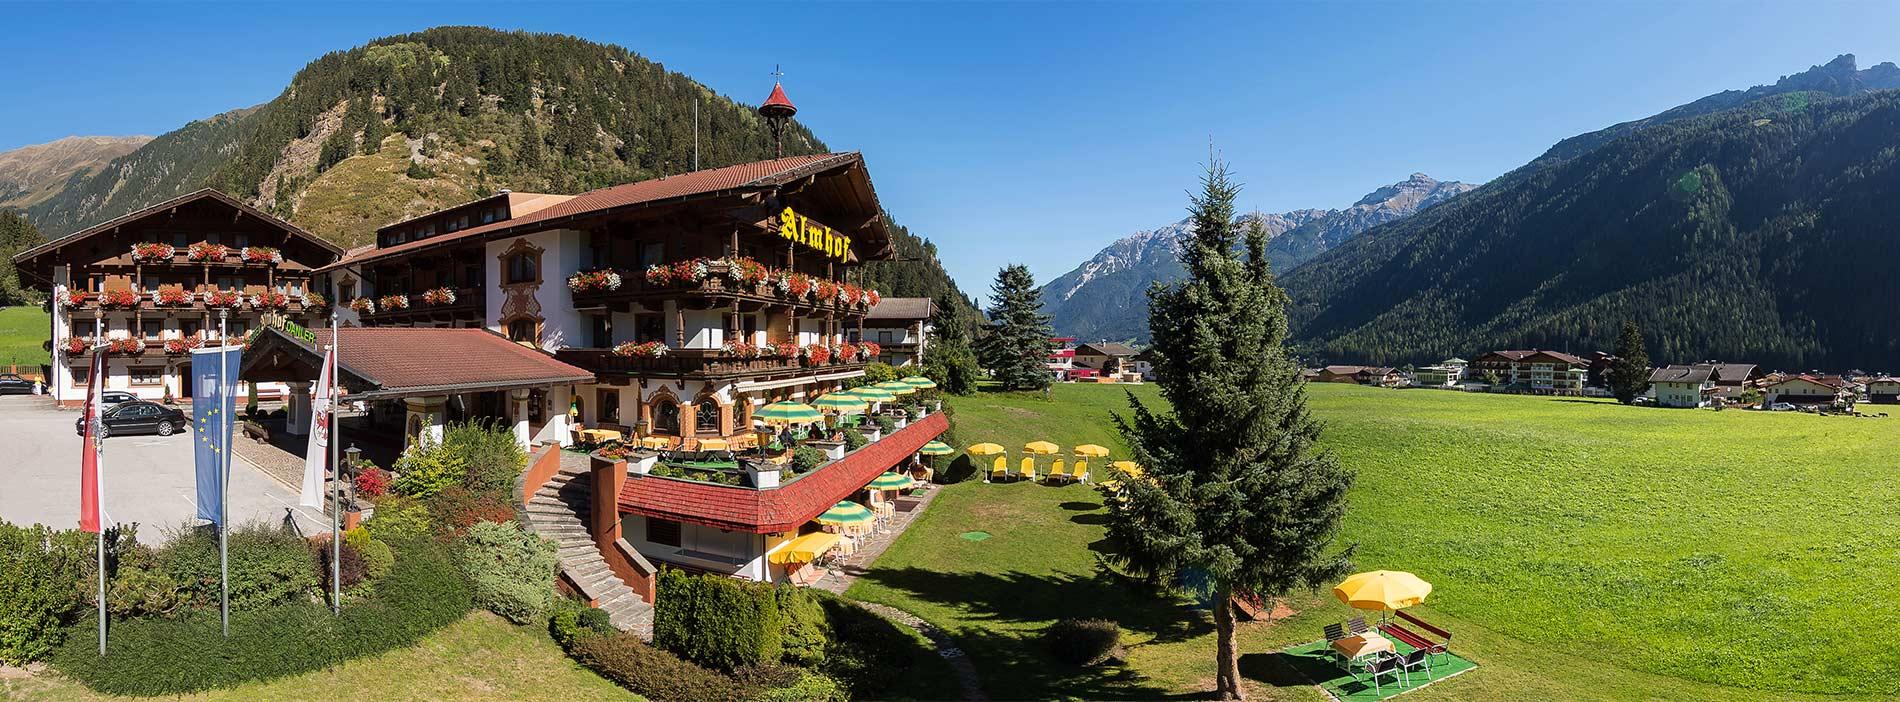 Urlaub in der Natur im Hotel Almhof in Neustift Milders Tirol